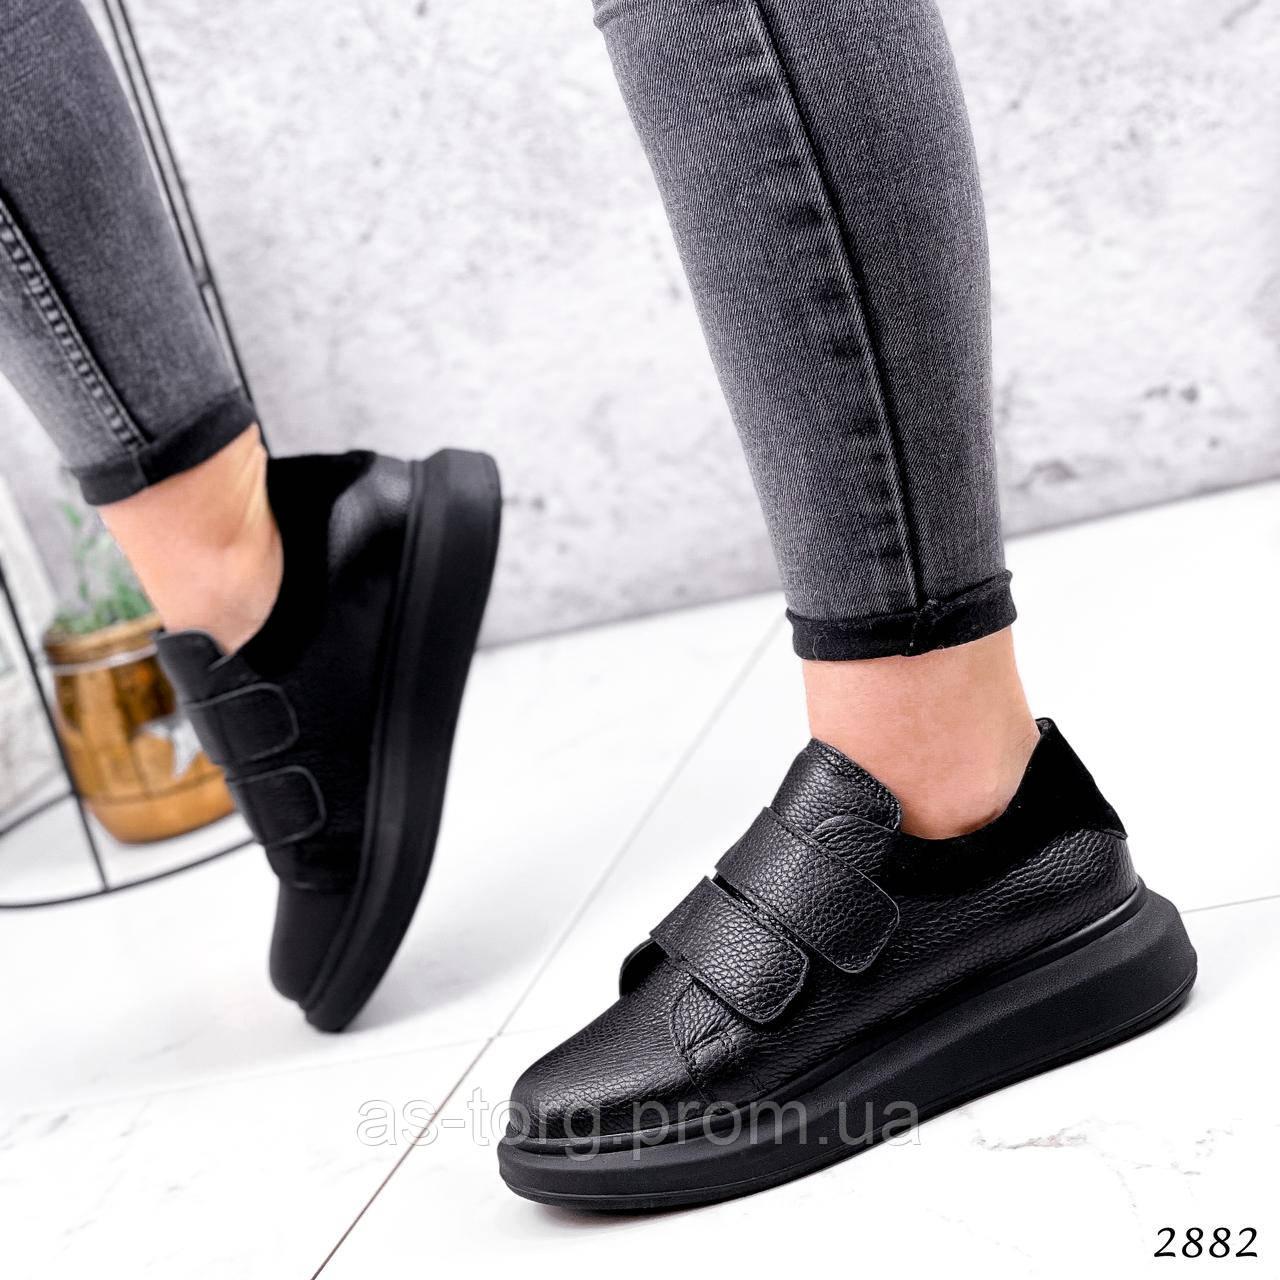 Кроссовки женские Quensi черные 2882